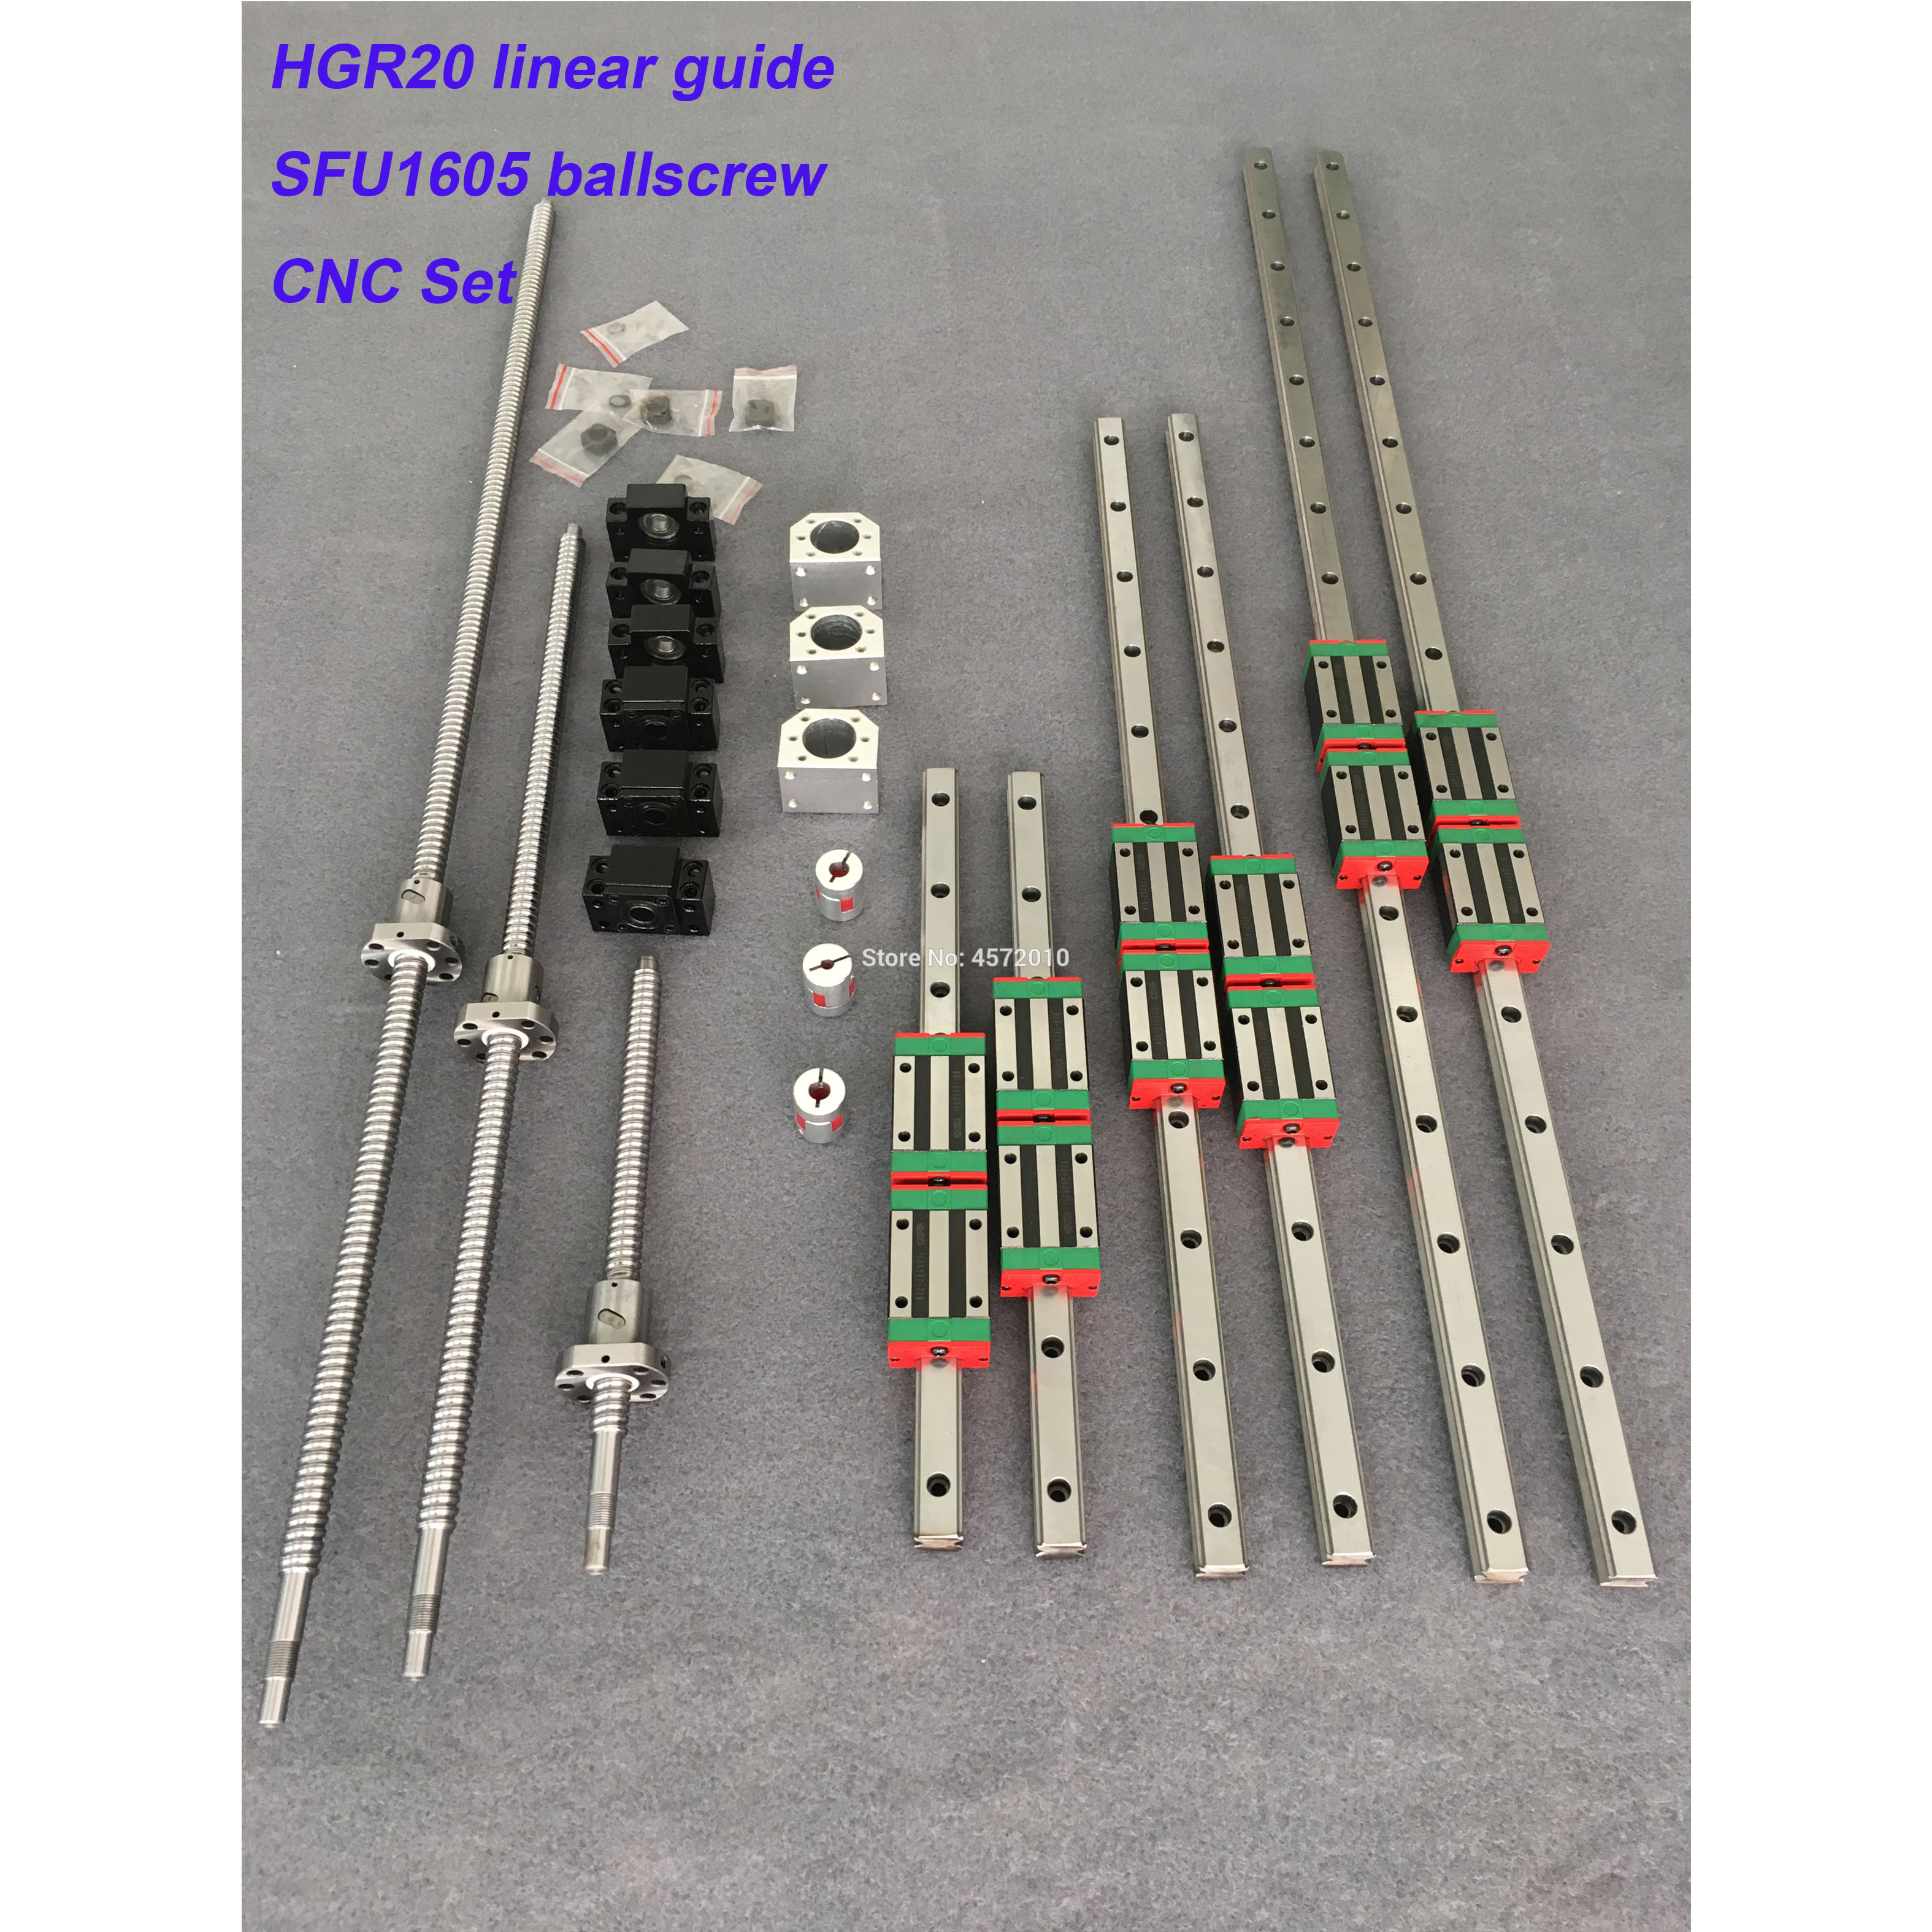 HGR20 rail de guidage linéaire carré 6 set HGR20-400/860/1240mm + SFU1605-350/800/1120/1120mm vis à billes + BK12 BF12 pièces de CNC